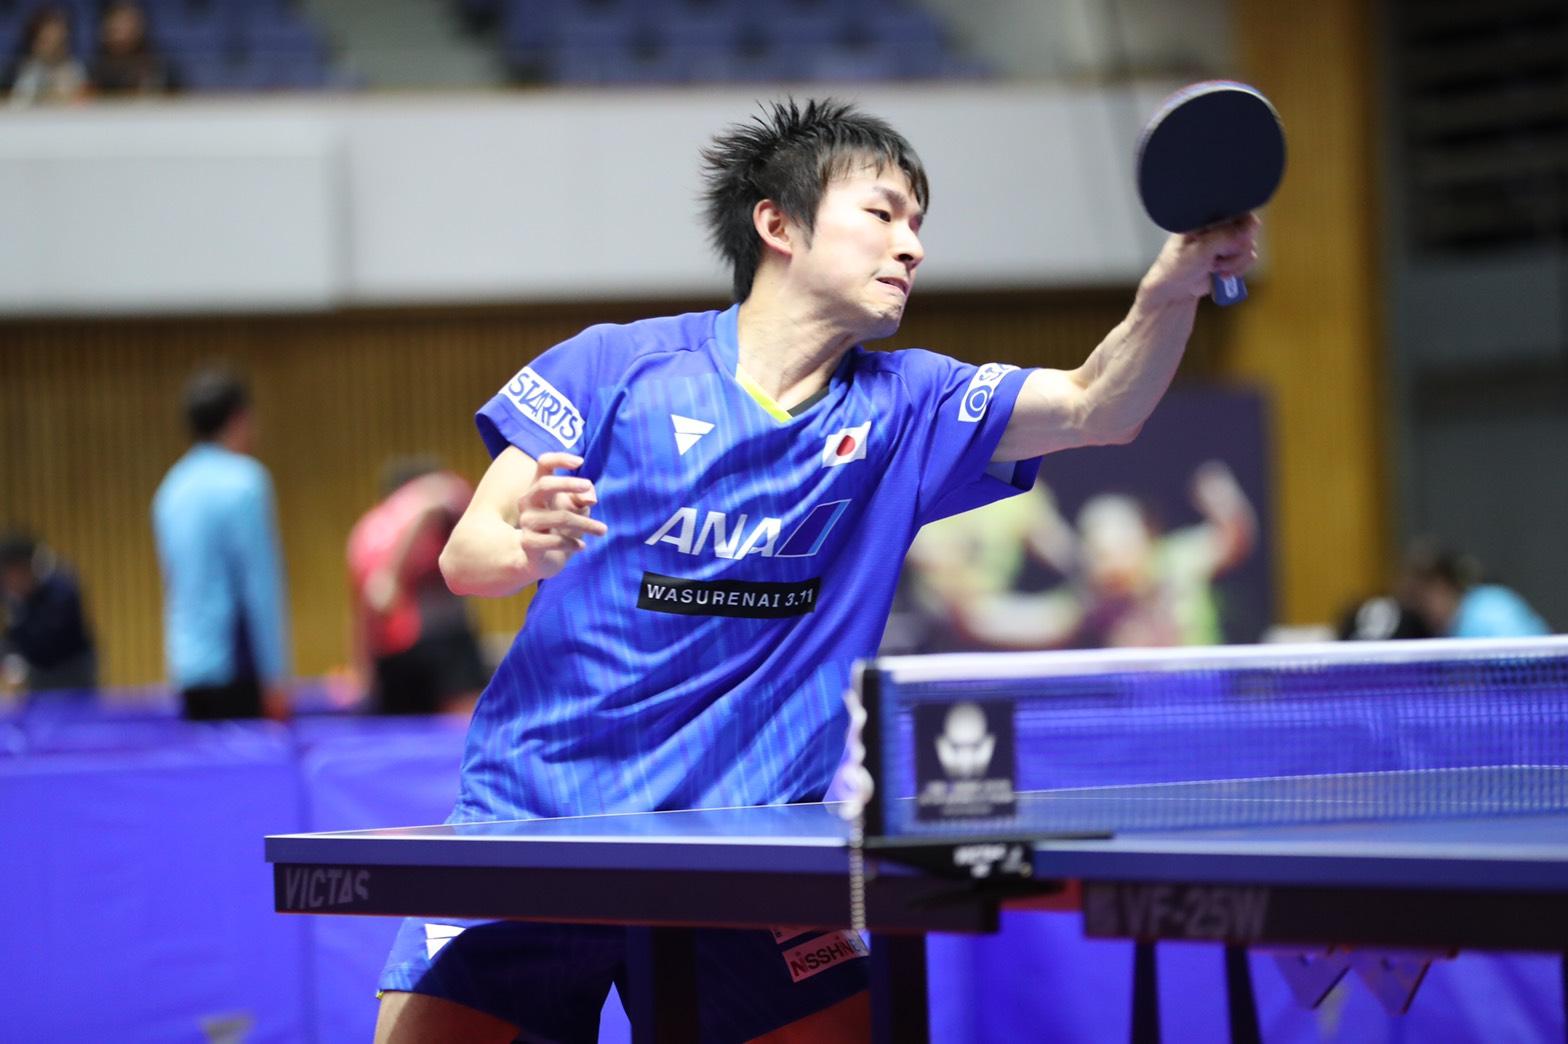 卓球 ジャパンオープン 札幌 丹羽孝希 張本智和 神 カルデラノ VICTAS  VICTASJOURNAL 男子シングルス 1回戦